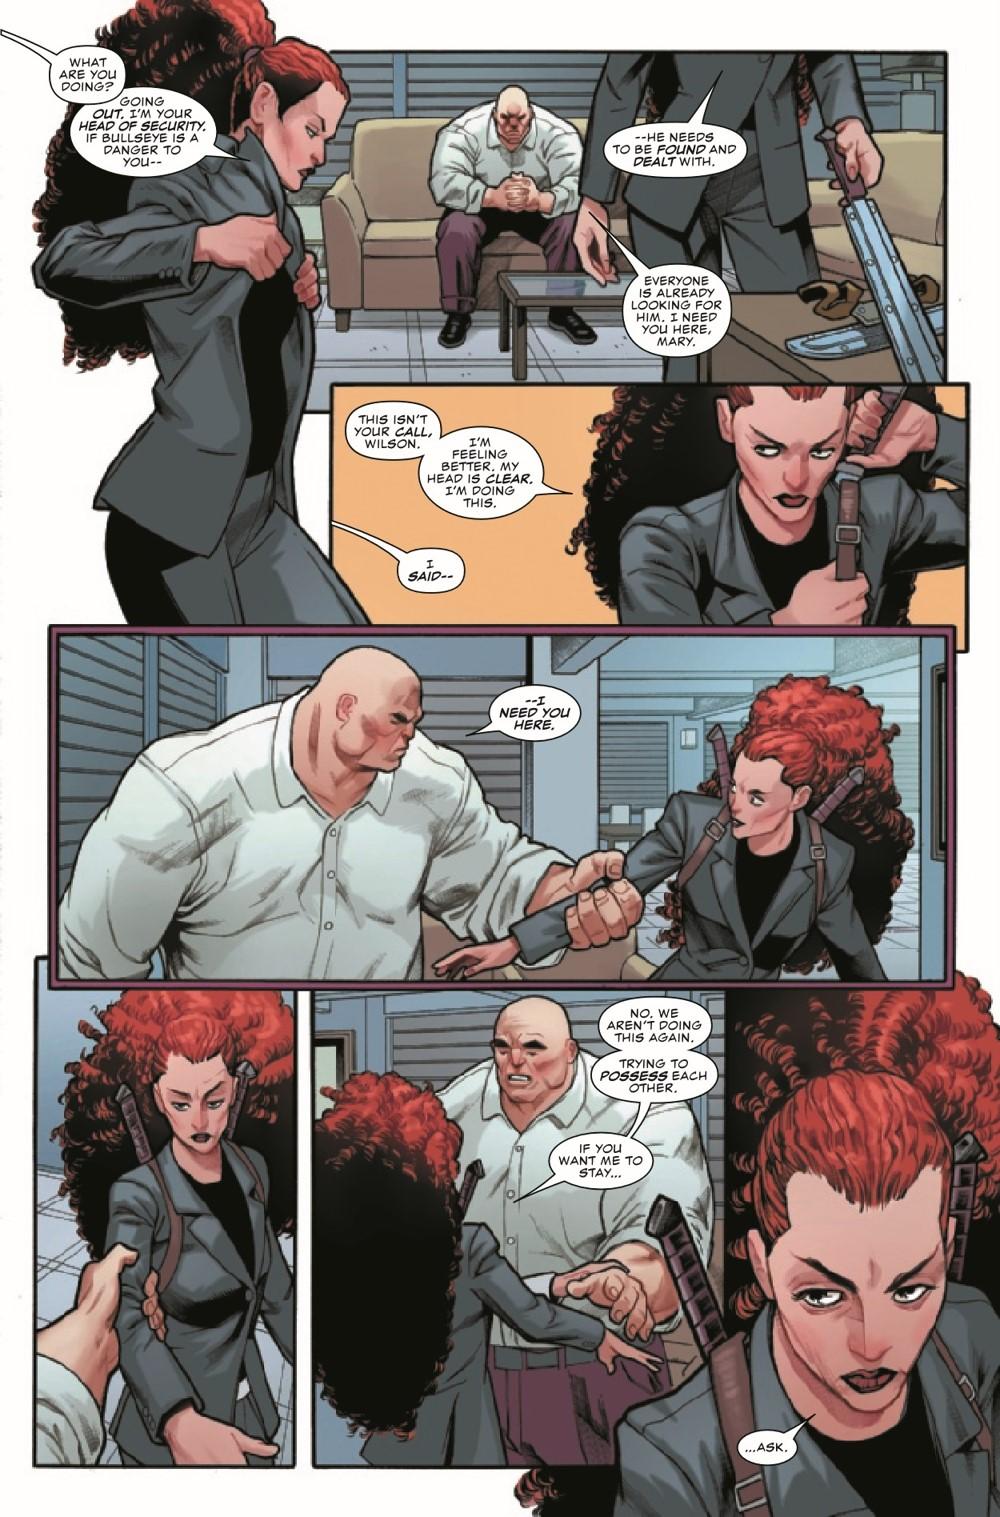 DD2019032_Preview-5 ComicList Previews: DAREDEVIL #32